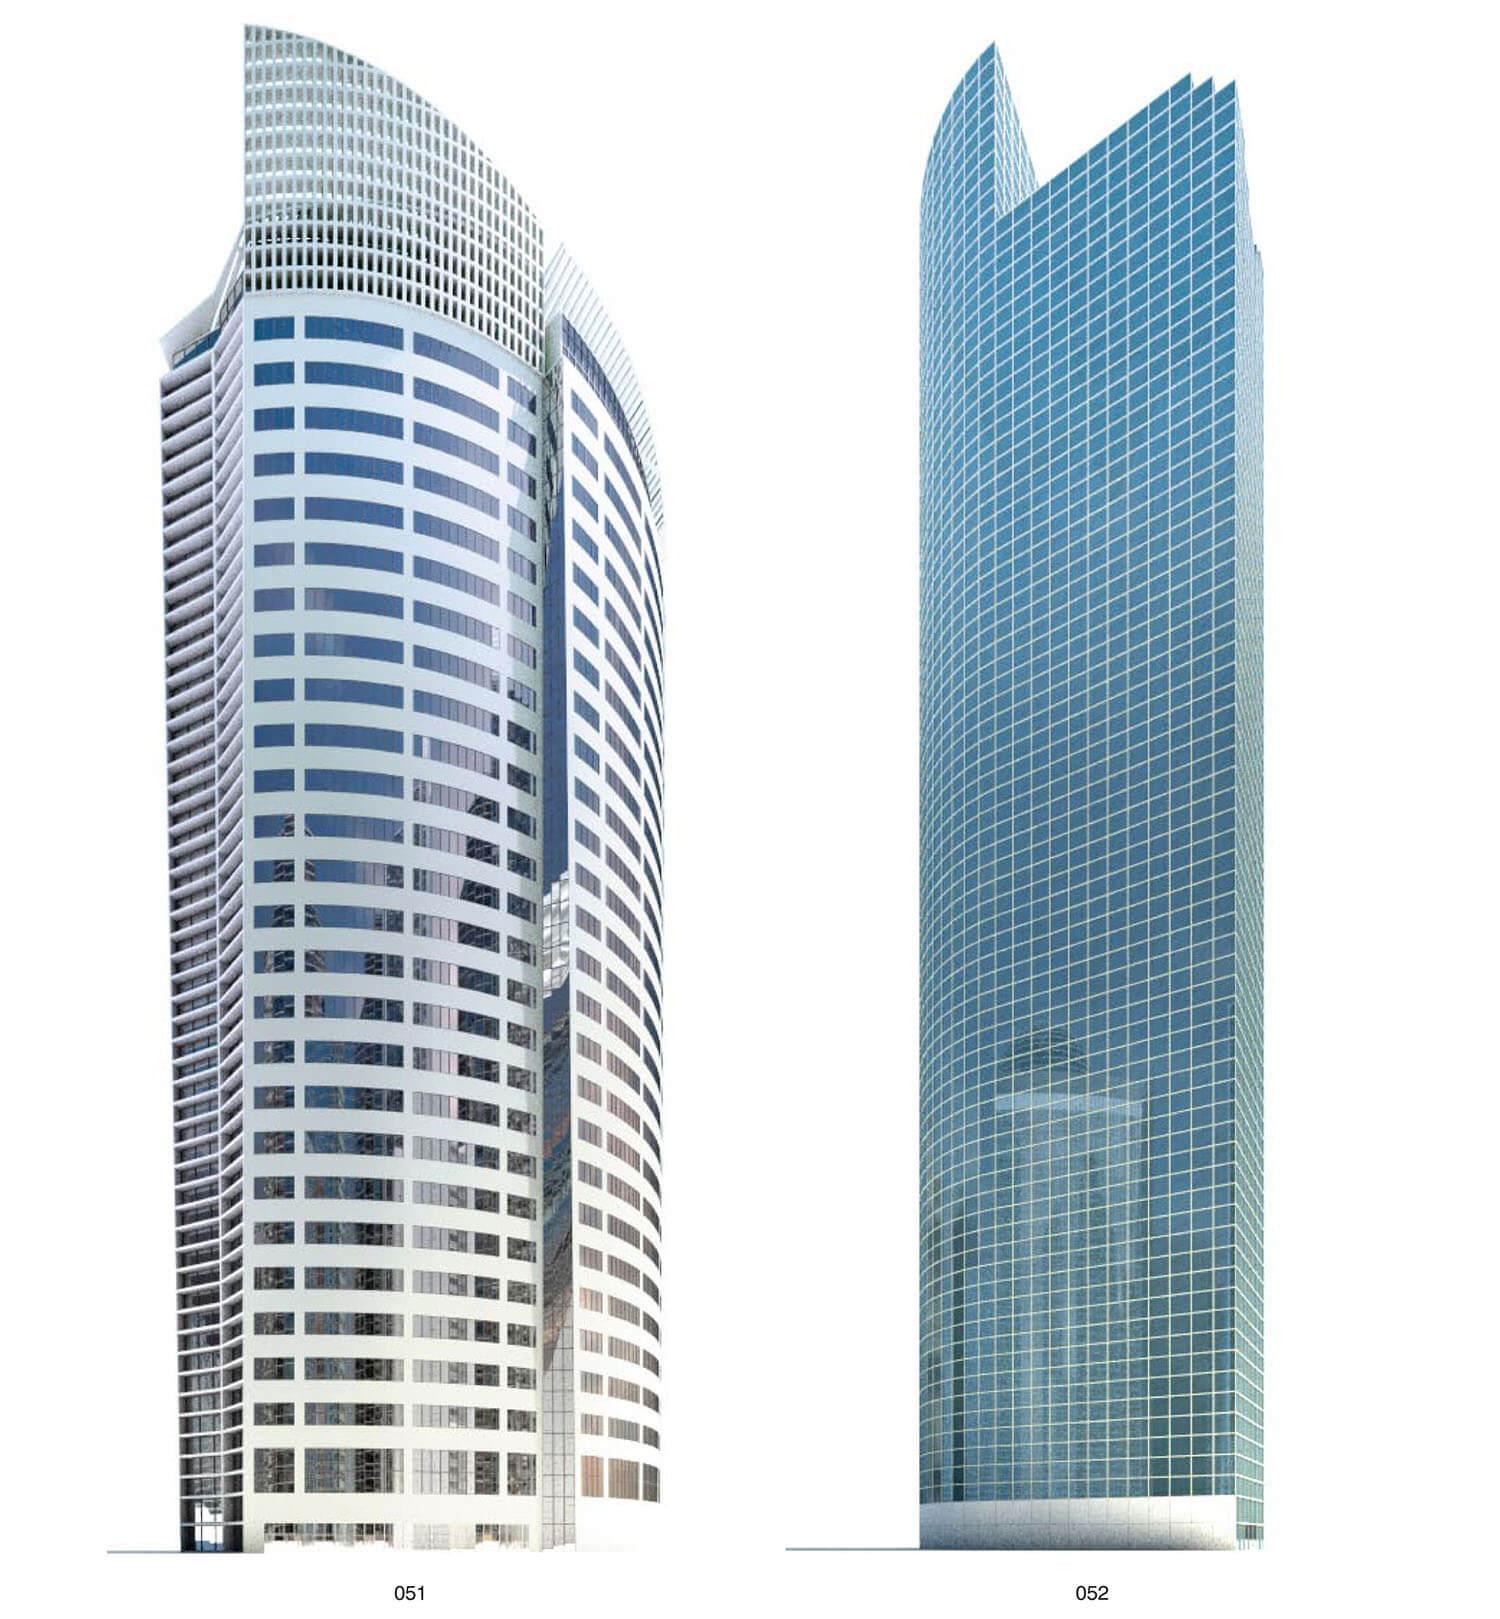 Mẫu nhà cao tầng với phần đỉnh chọc trời được làm cách điệu